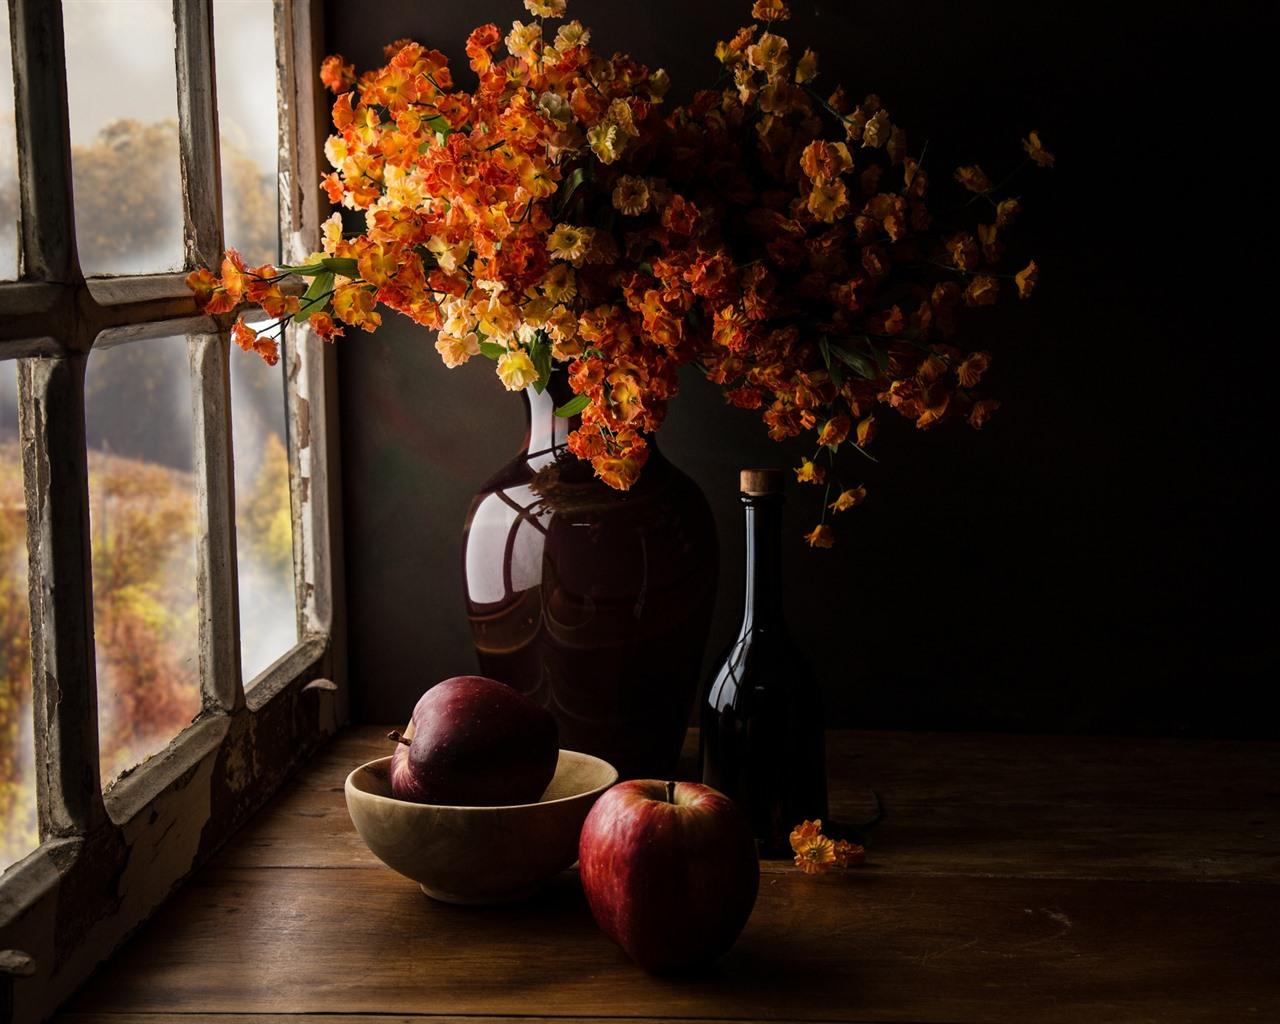 Wallpaper Bouquet, Flowers, Vase, Bottle, Window 1920x1200